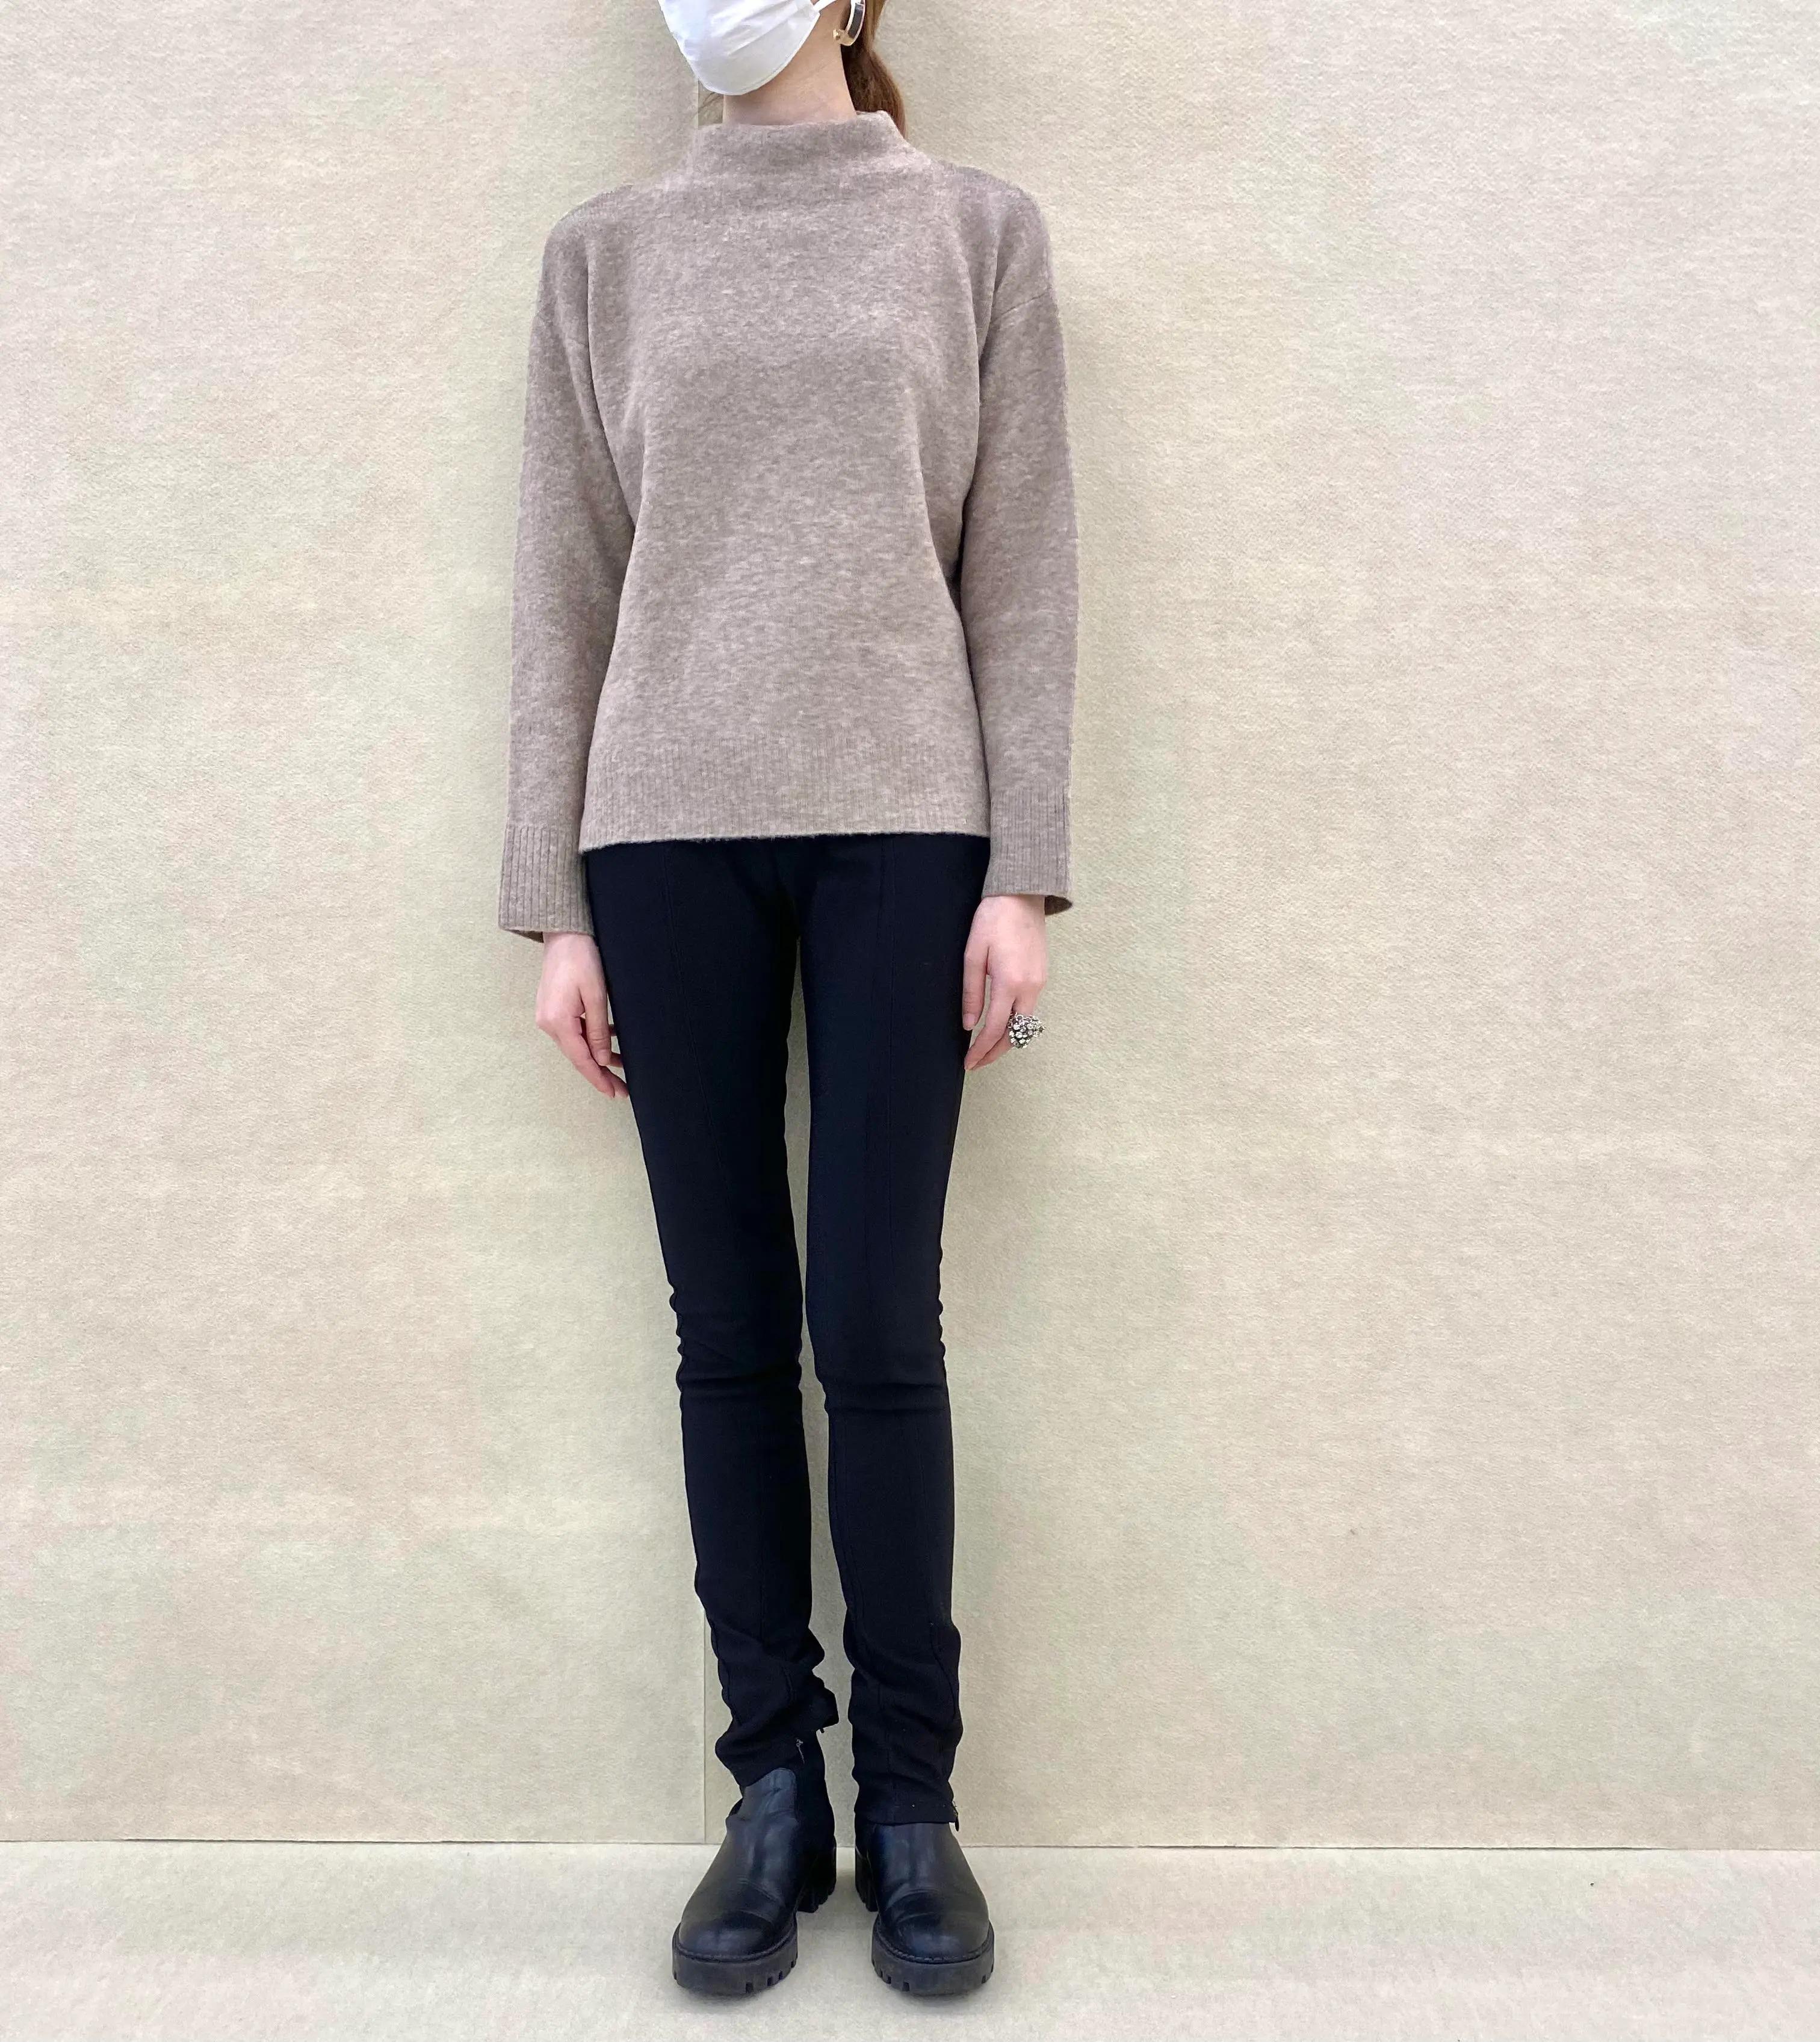 『ユニクロ』ニット全部試着してみた♡ トレンド服の着こなし6選【今週のファッション人気ランキング】_3